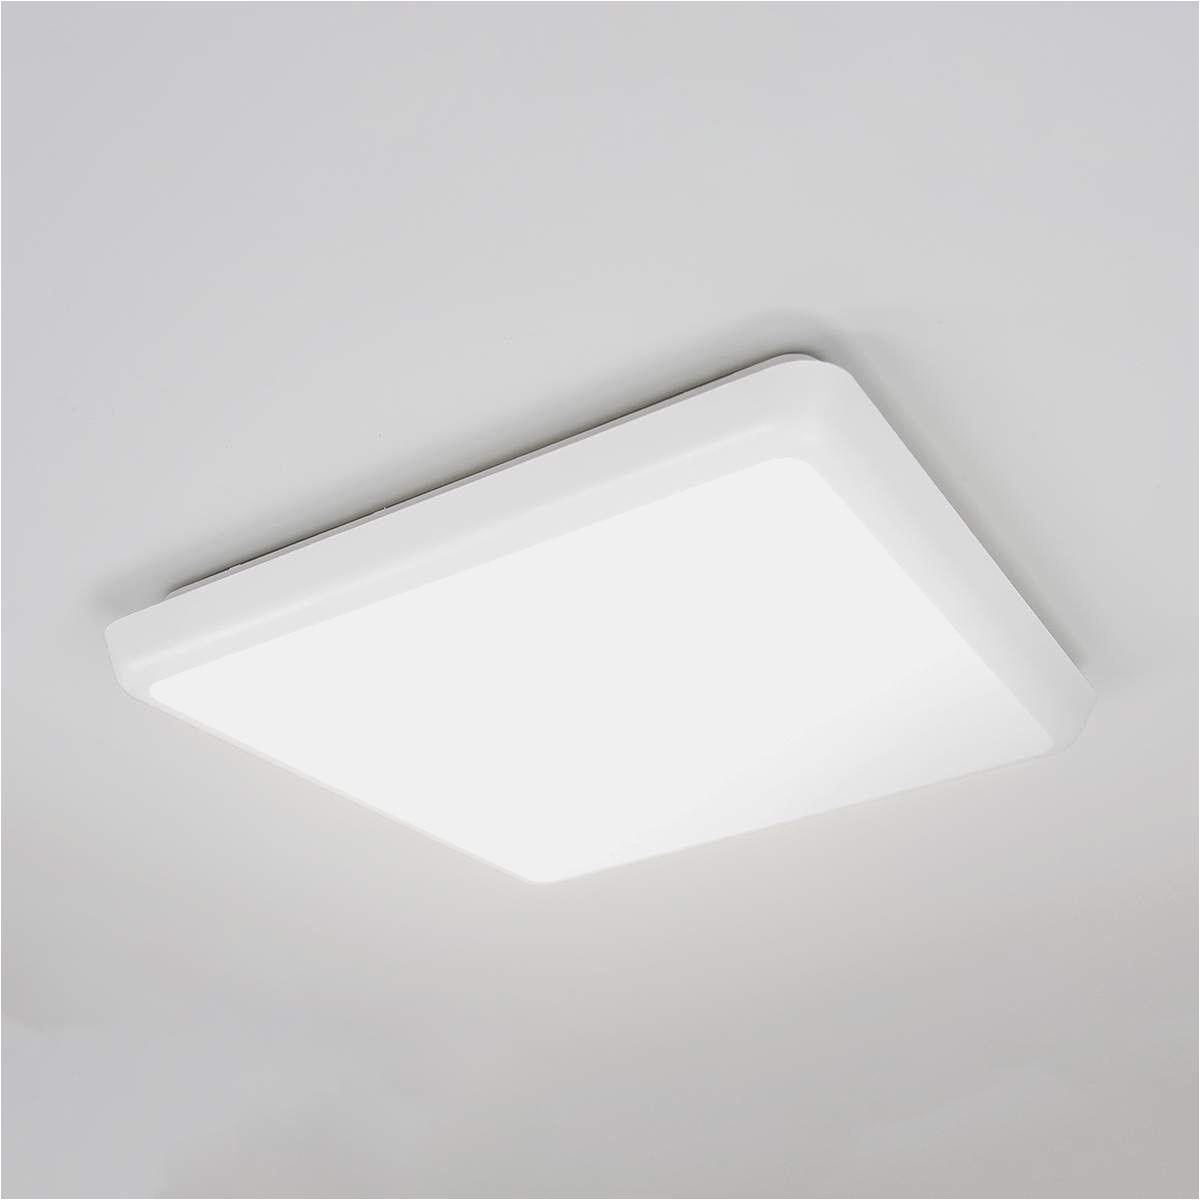 deckenleuchte fur badezimmer schon badezimmer lampe led of deckenleuchte fur badezimmer